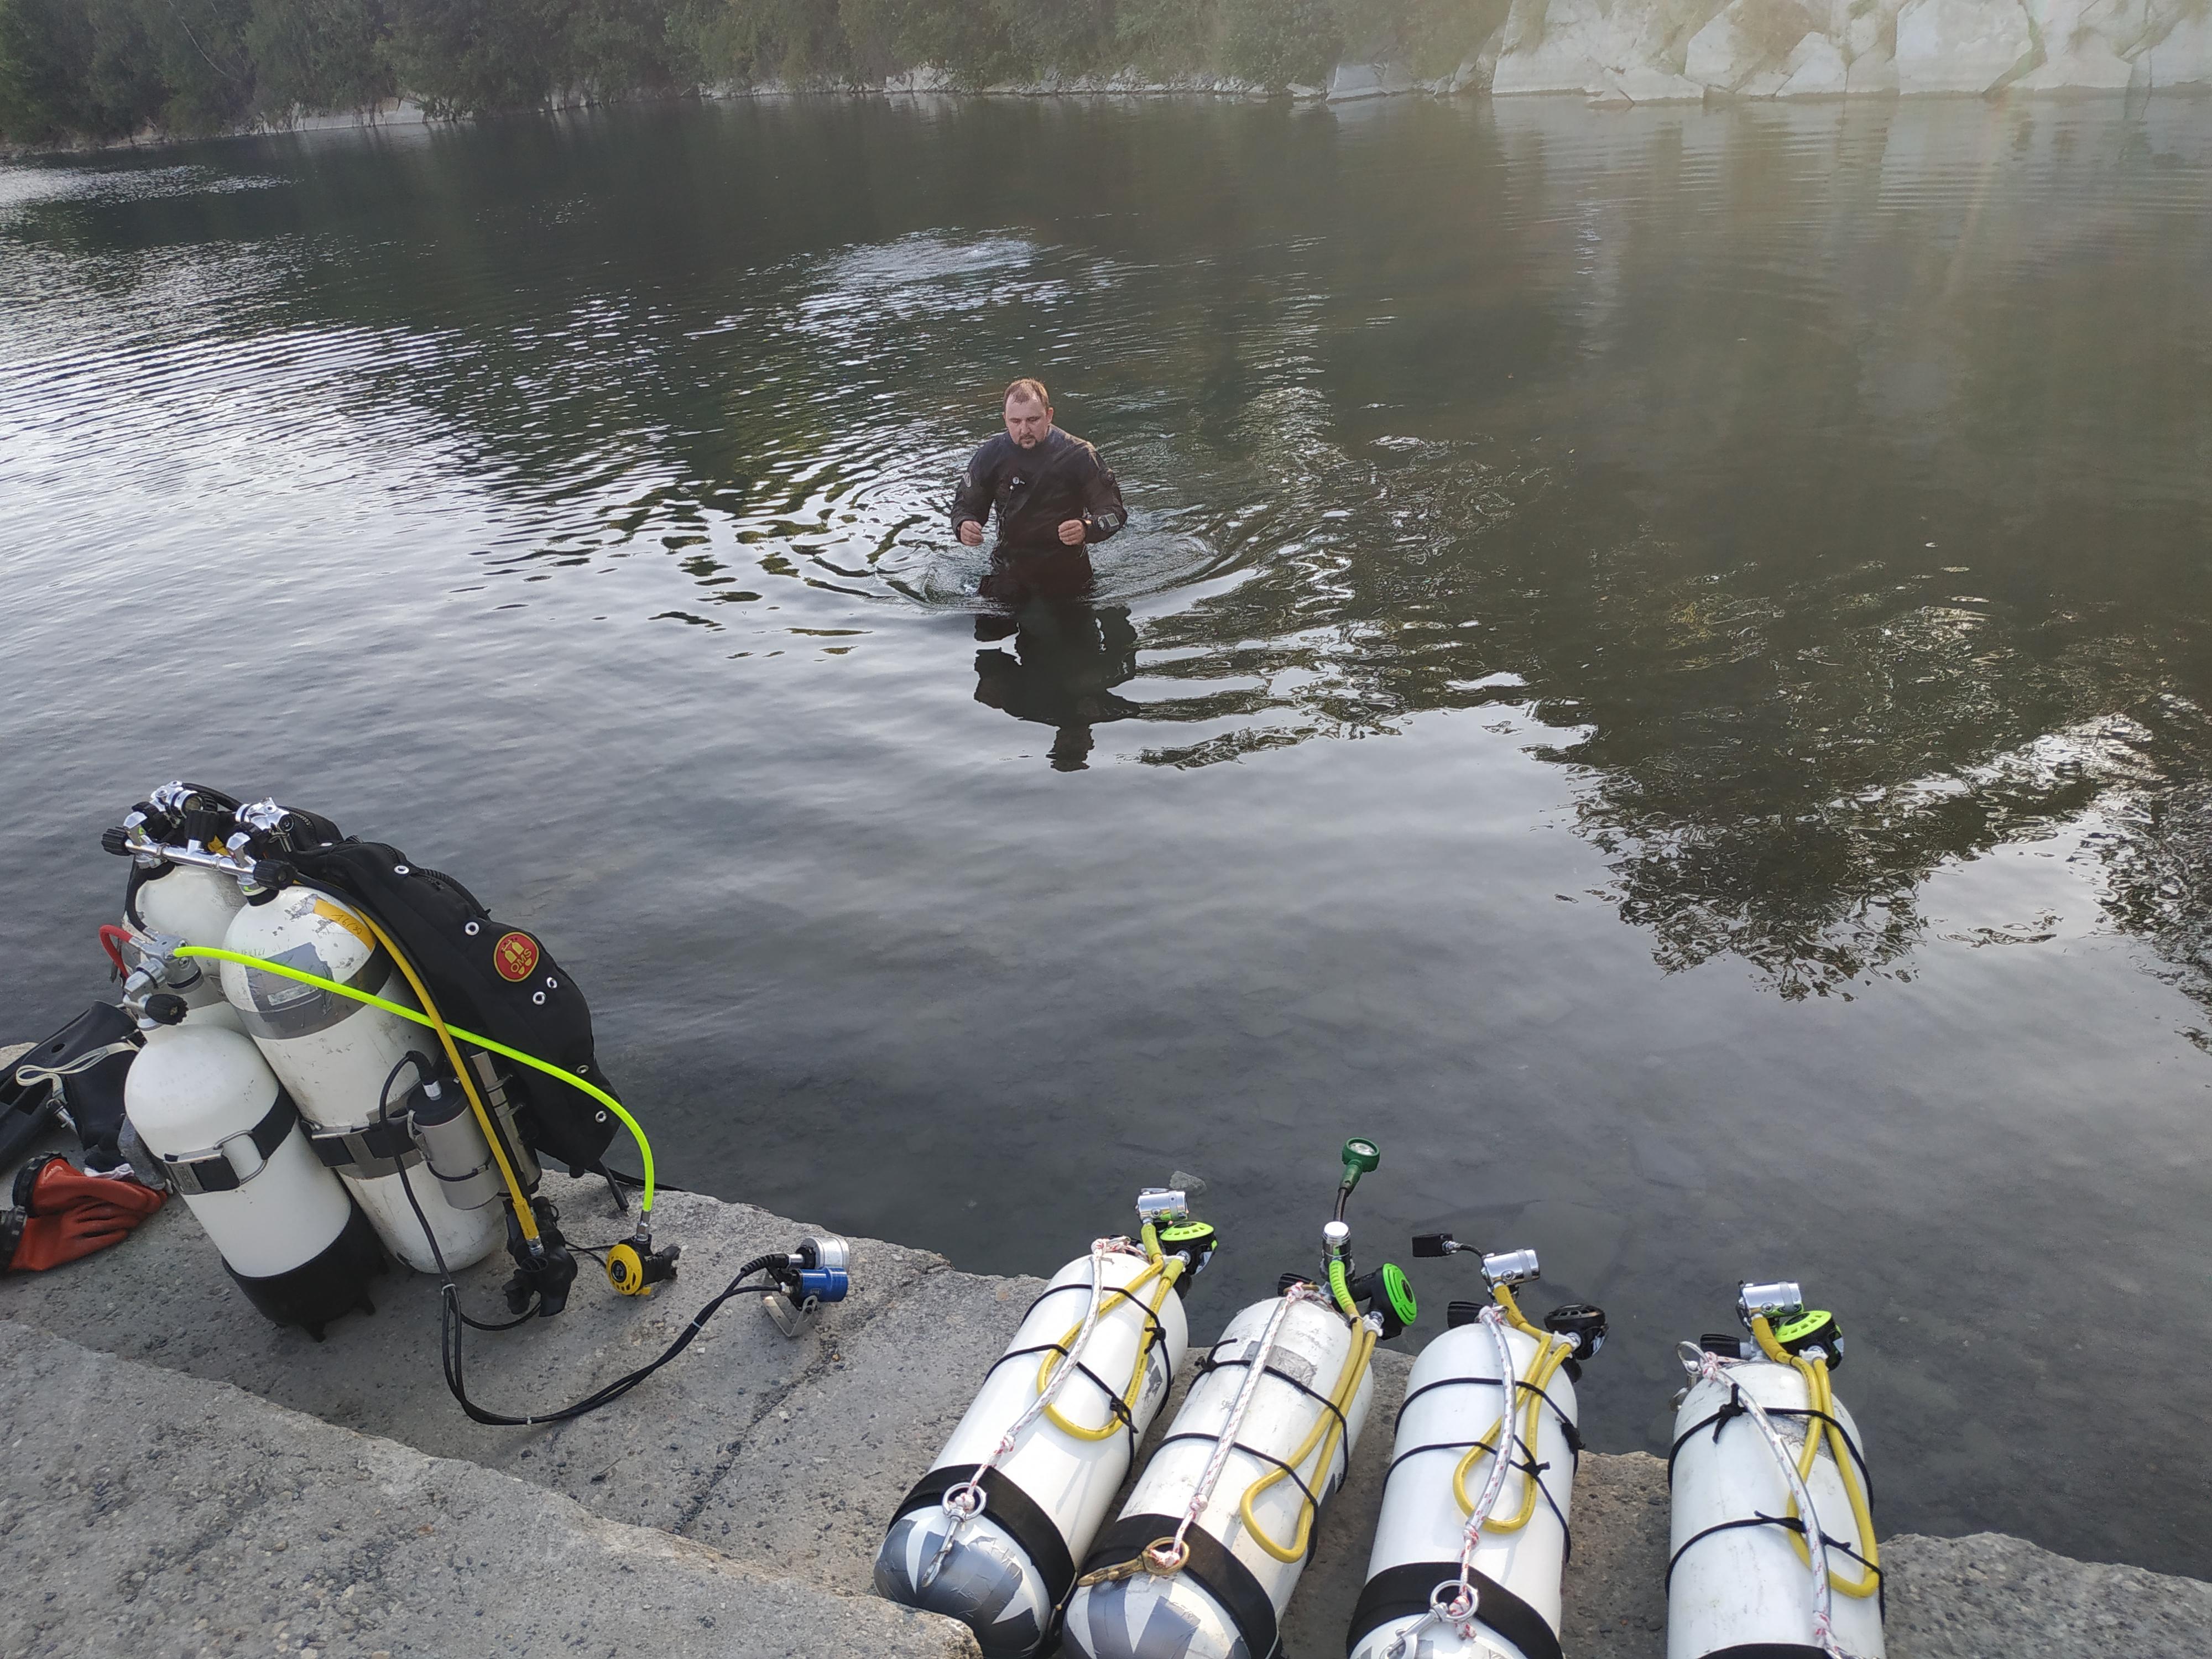 Kilka zdjęć z powierzchni przed nurkowaniem treningowym